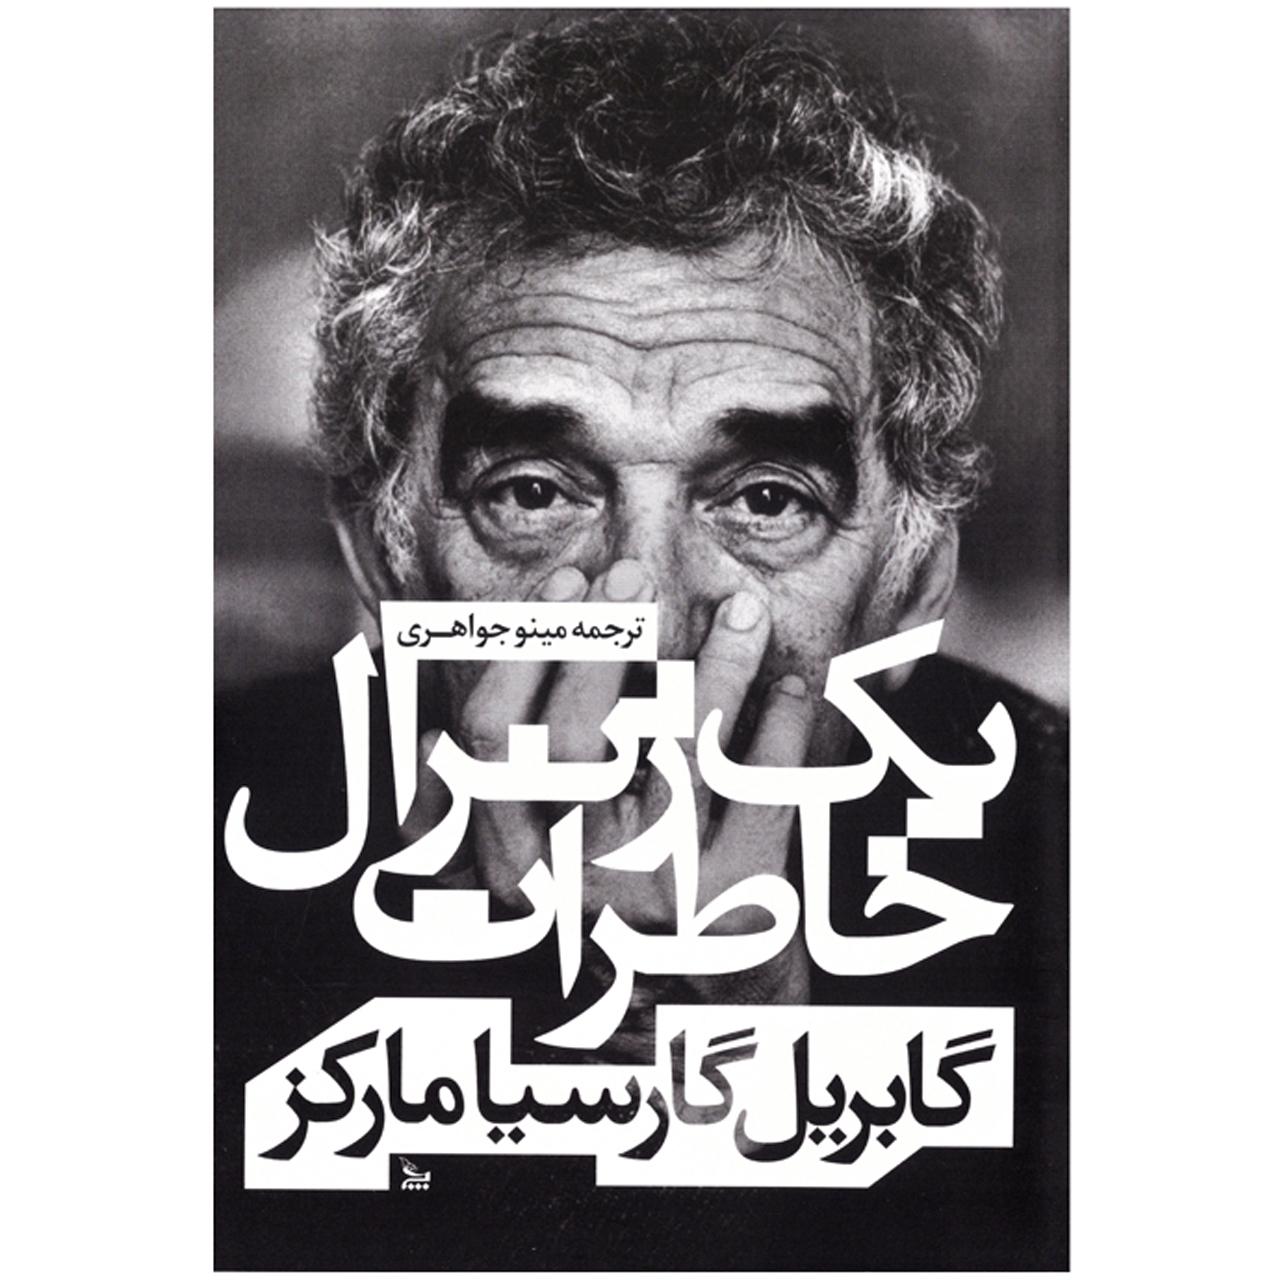 کتاب خاطرات یک ژنرال اثر گابریل گارسیا مارکز ( نویسنده کتاب صدسال تنهایی ) صد سال تنهایی نشر چلچله